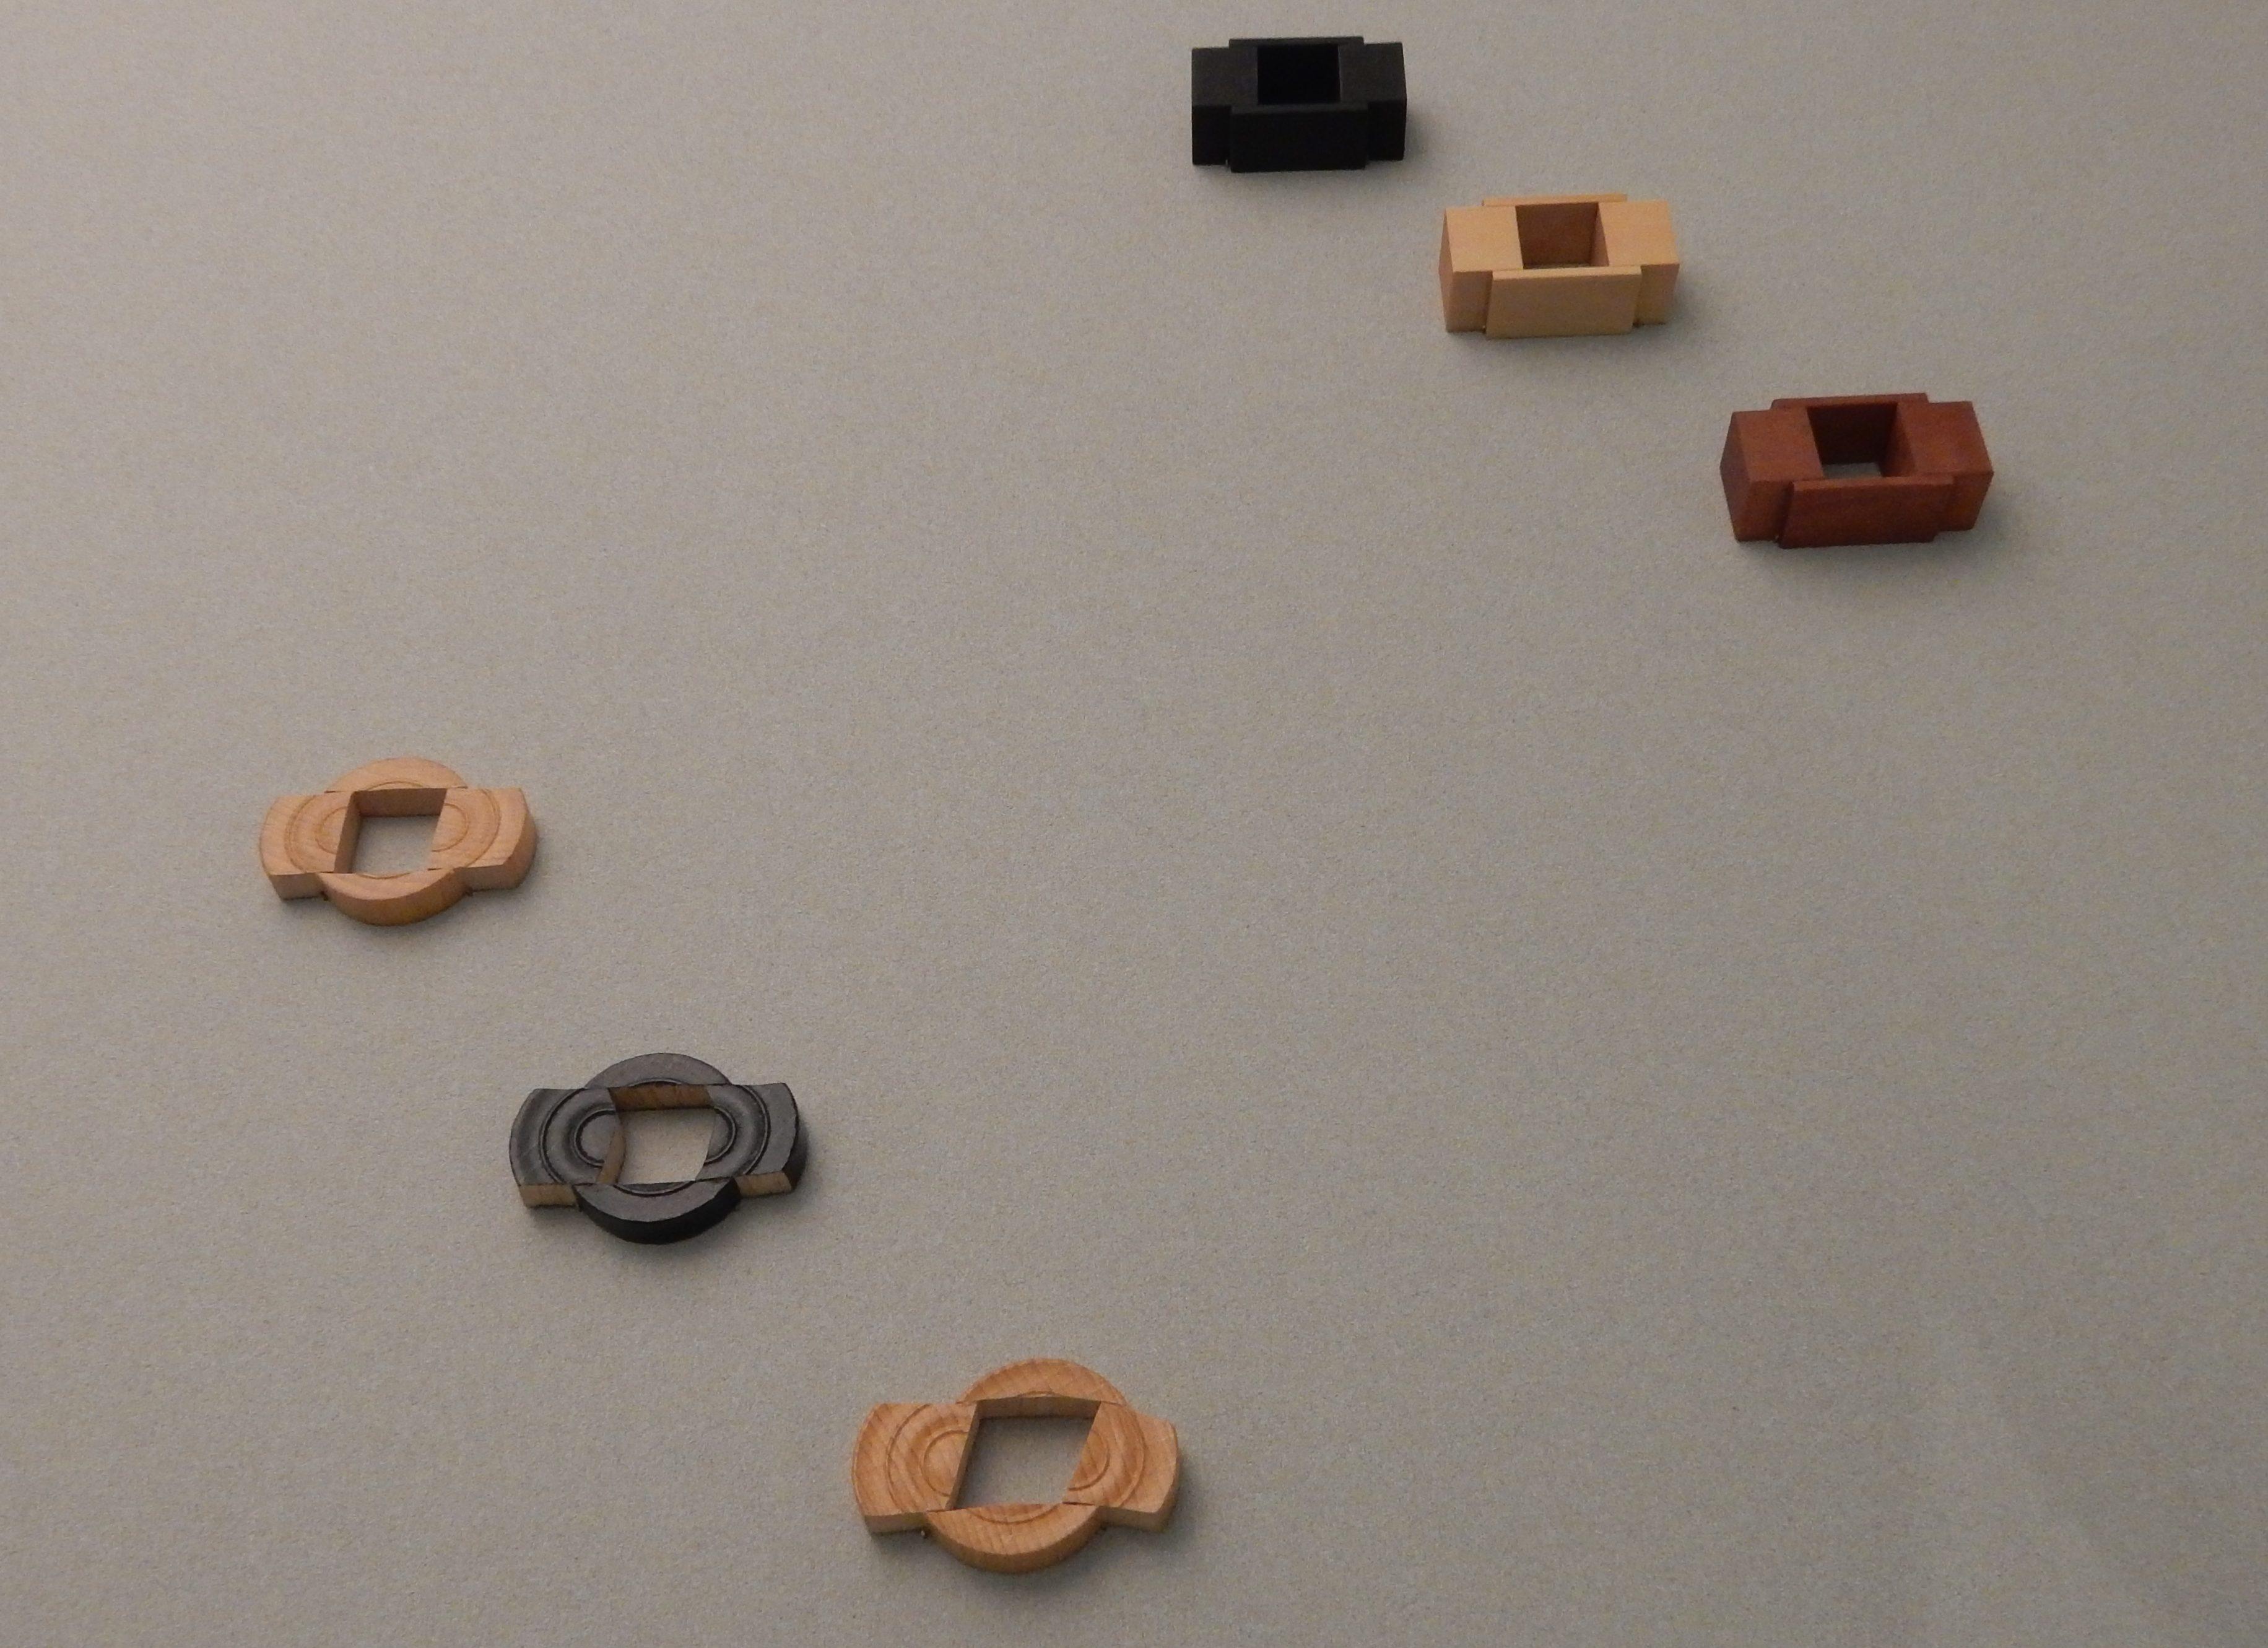 Onno Boekhoudt, ringen, 2000. De verzameling van Jurriaan van den Berg in CODA, 2018, hout, tentoonstelling, vitrine